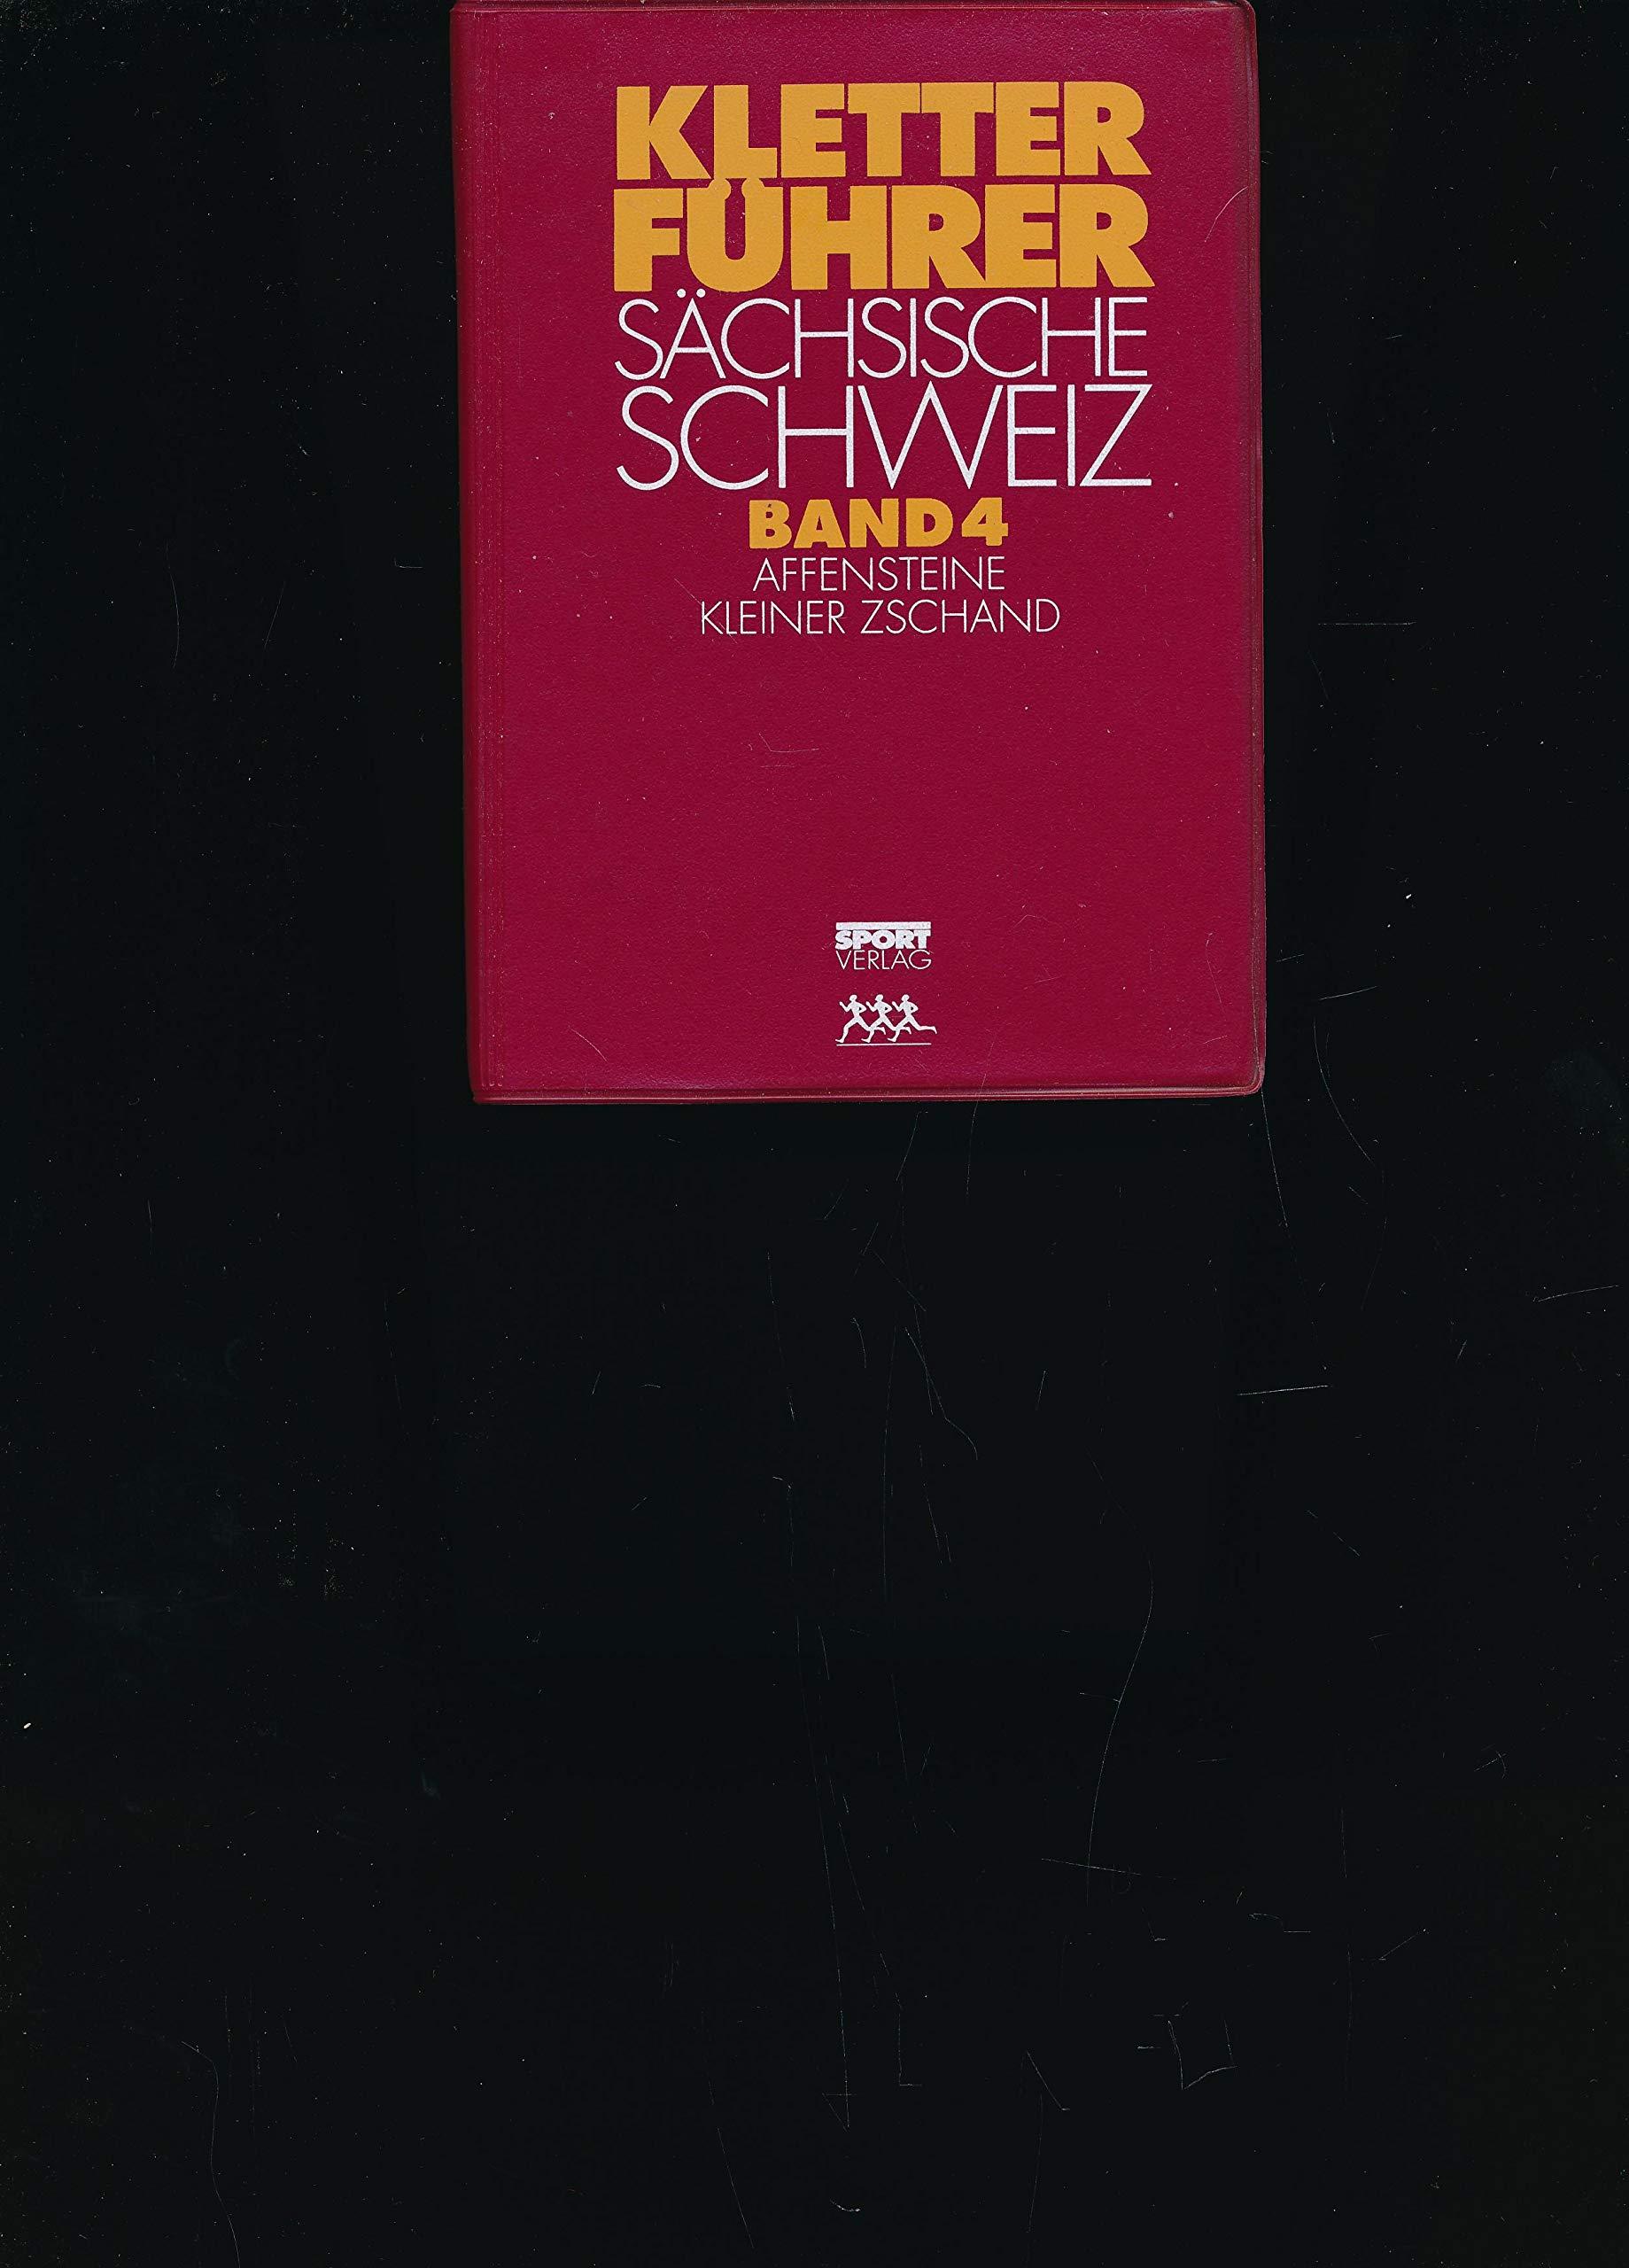 Kletterführer Sächsische Schweiz in 6 Bdn. Bd.4 Affensteine Kleiner Zschand